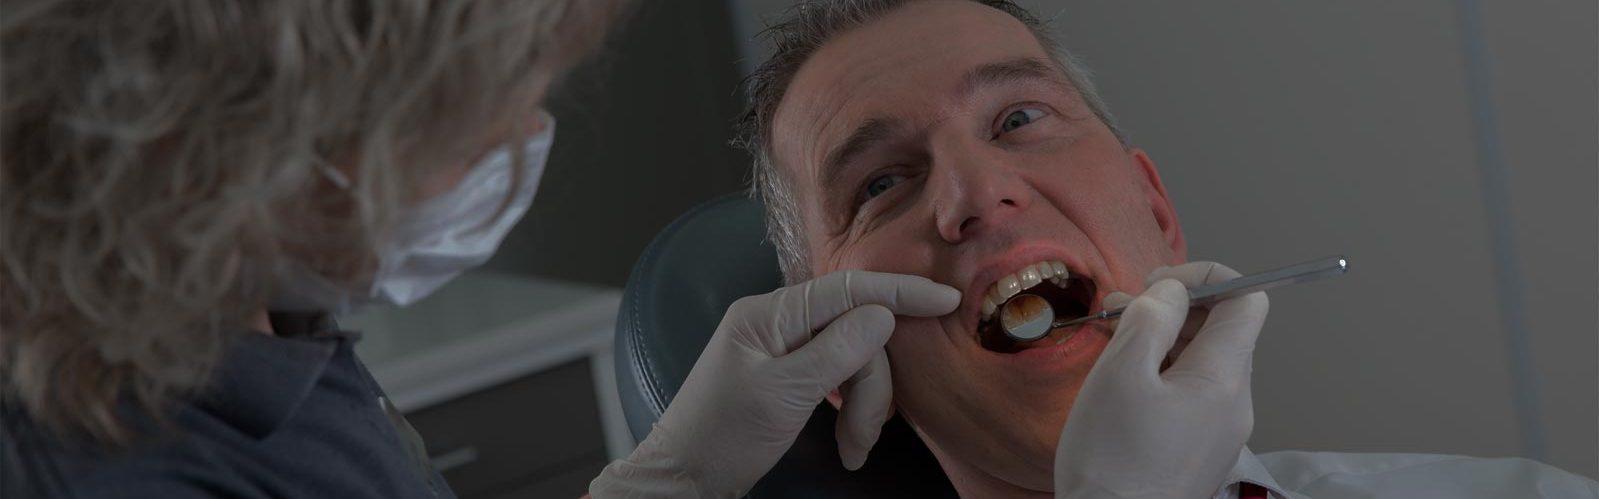 mondhygienist culemborg ervaringen